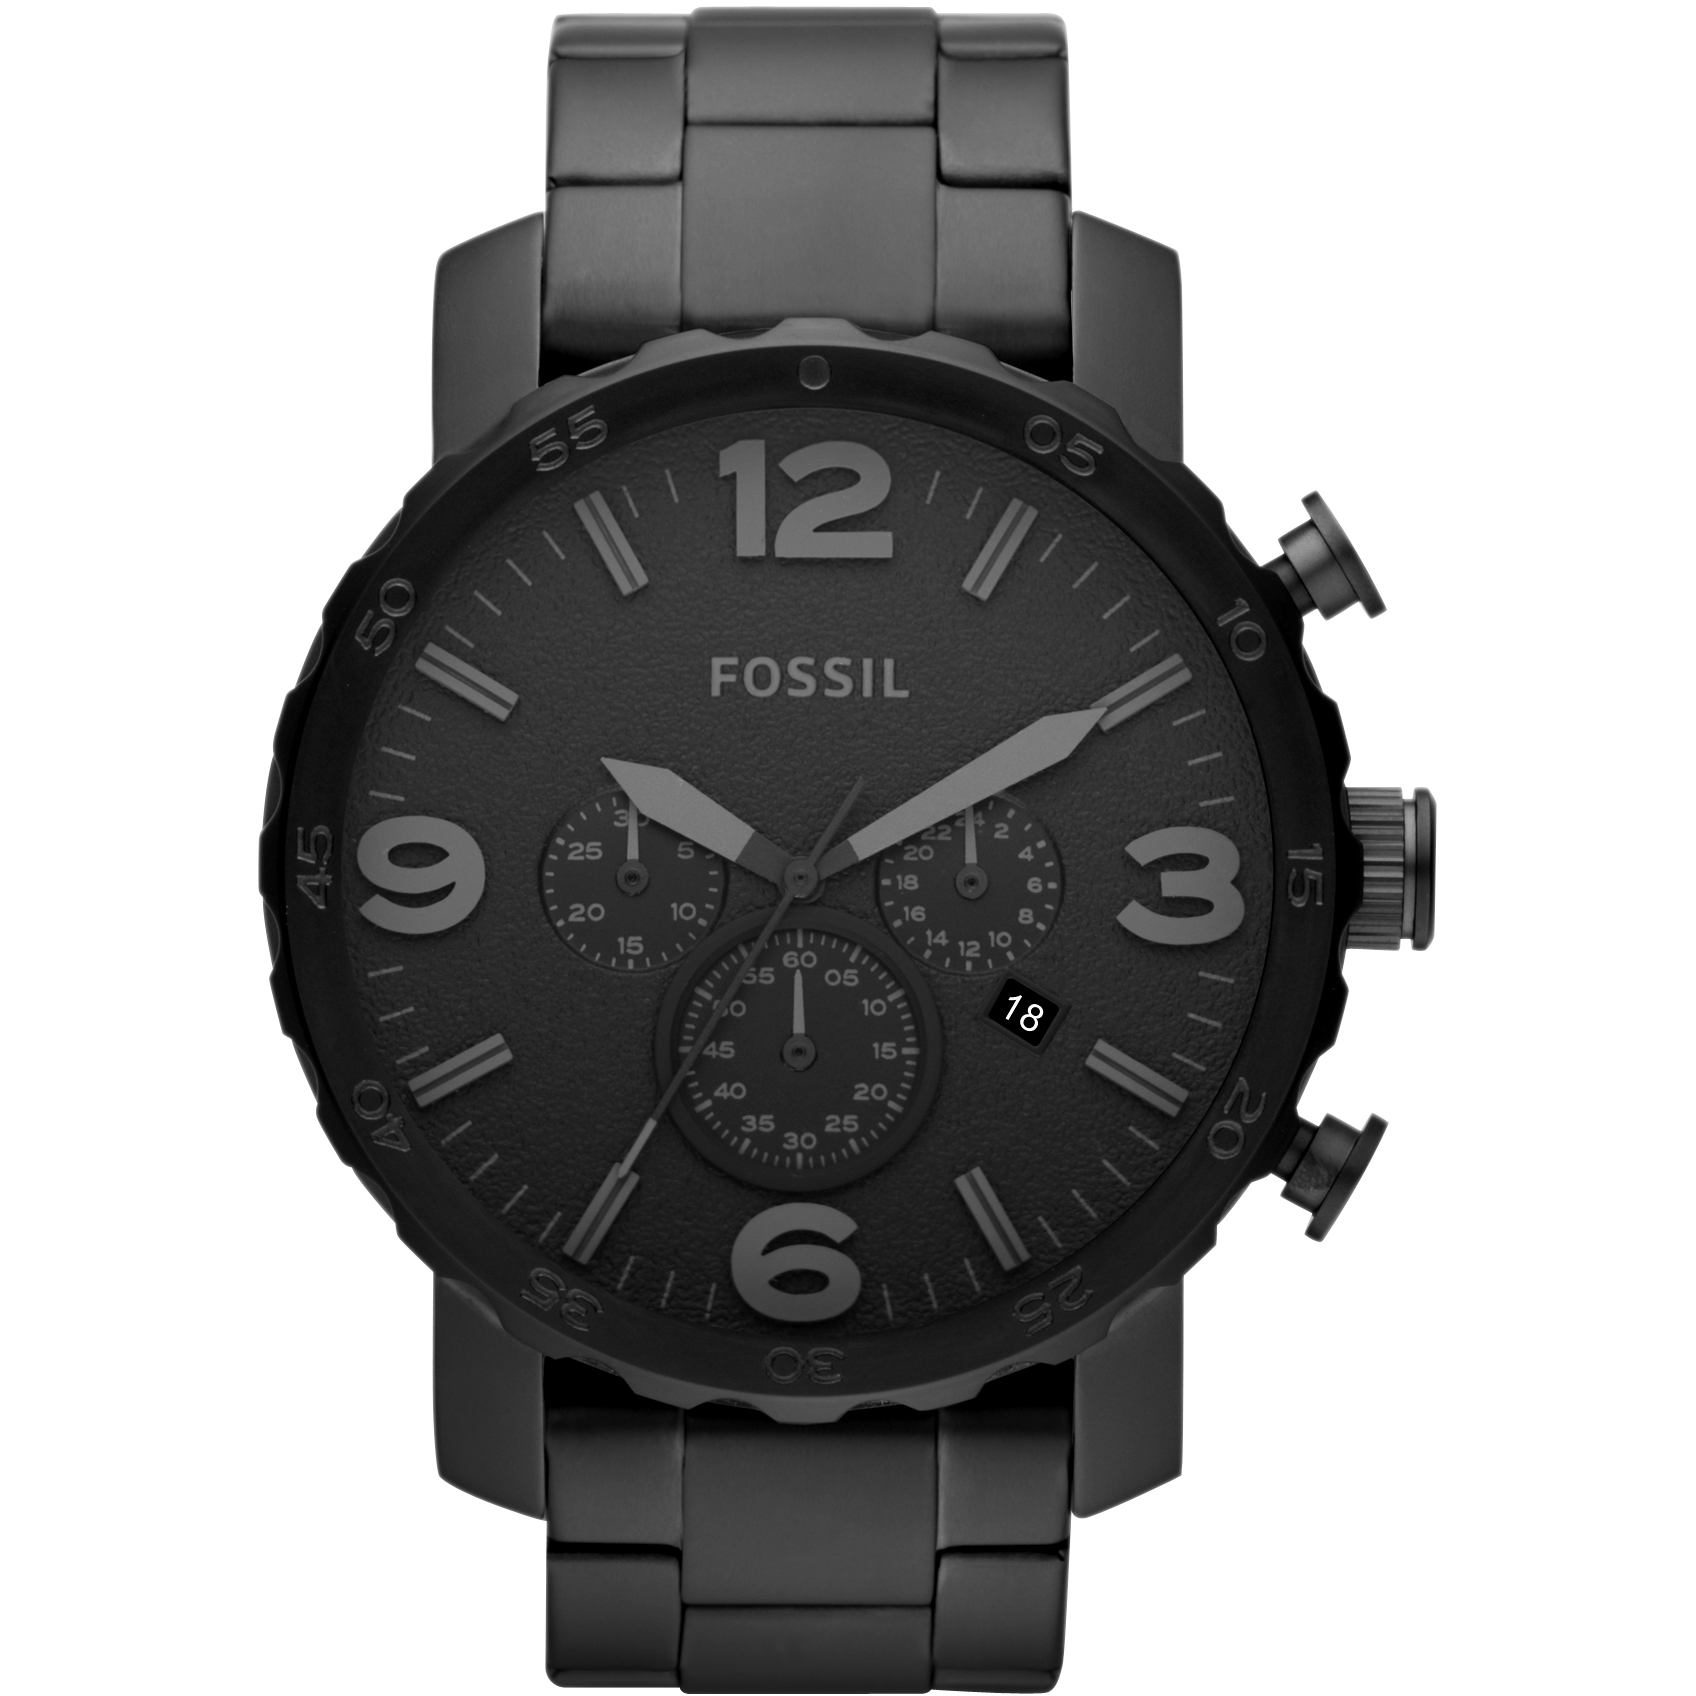 ساعت مچی عقربه ای مردانه فسیل مدل JR1401